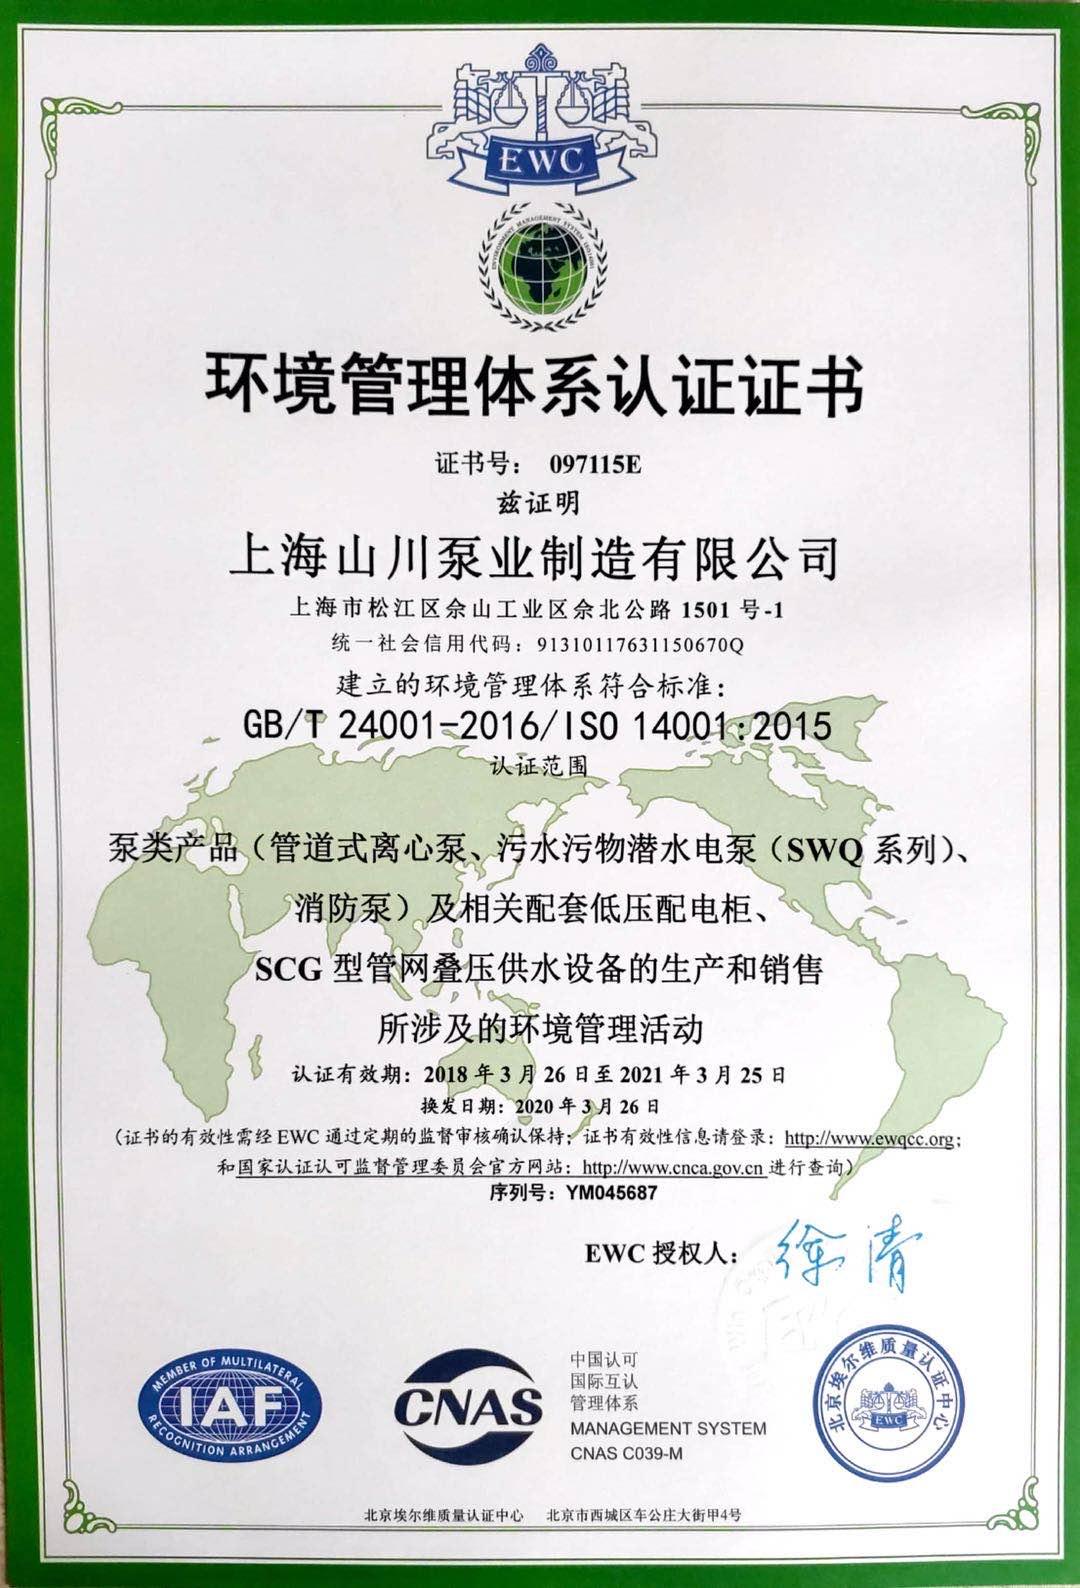 上海山川泵业制造有限公司 环境管理体系认证证书